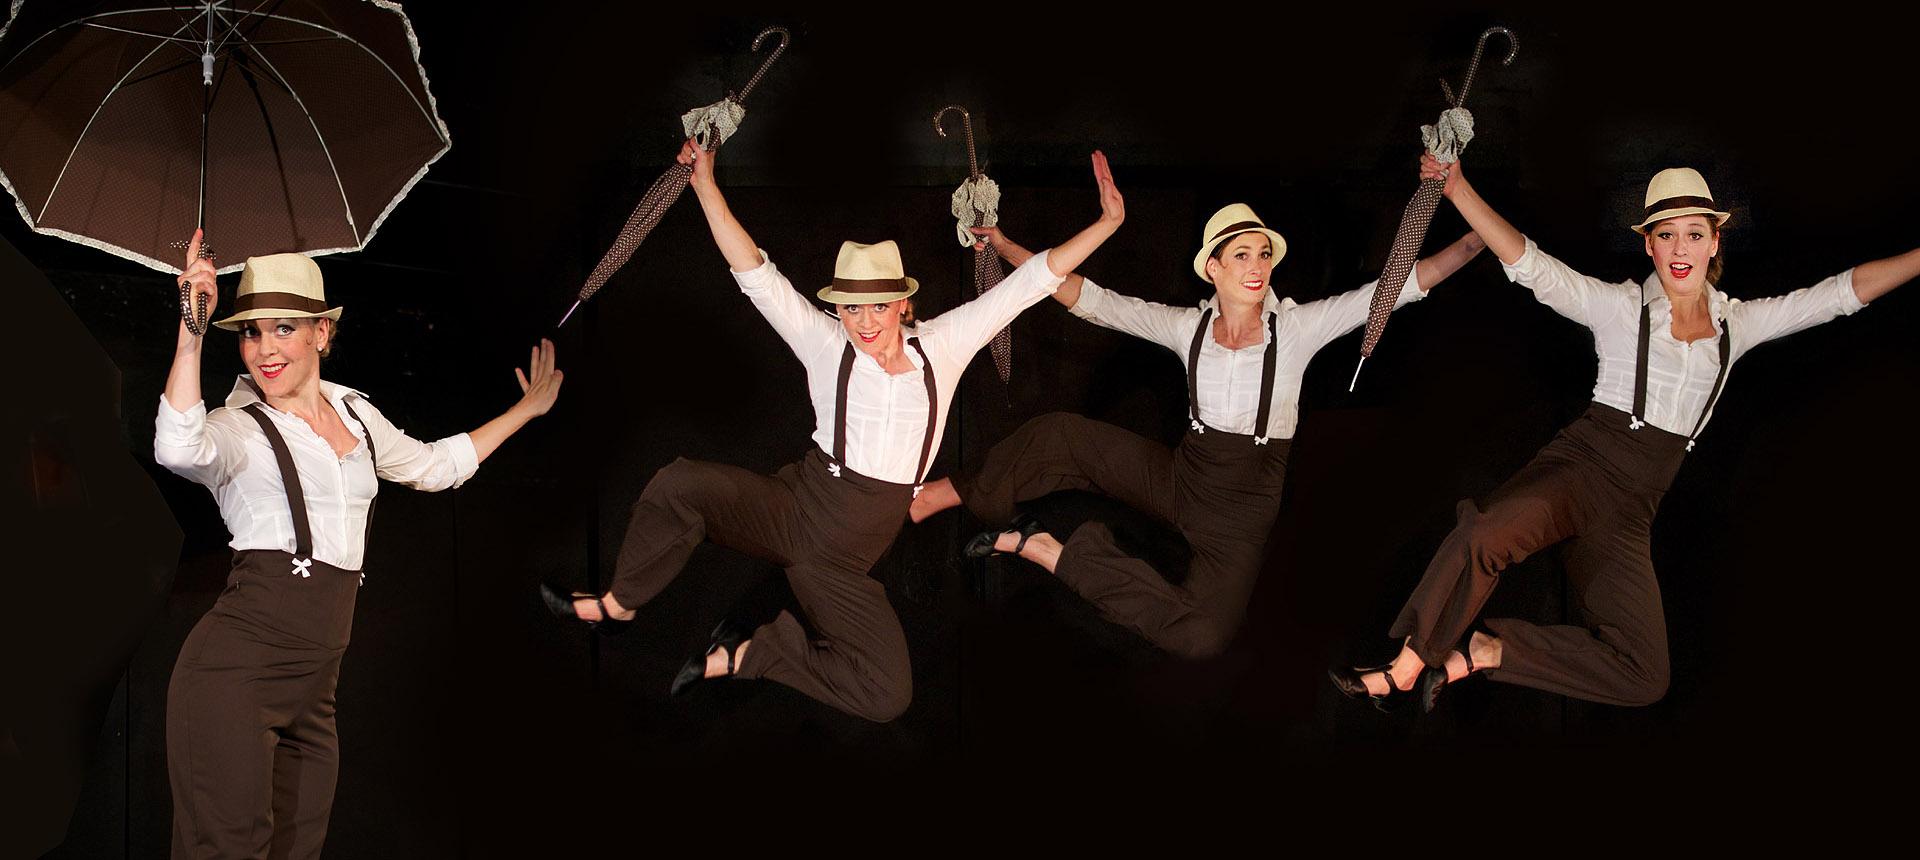 3 Damen tanzen Swing im Stil der 20er Jahre